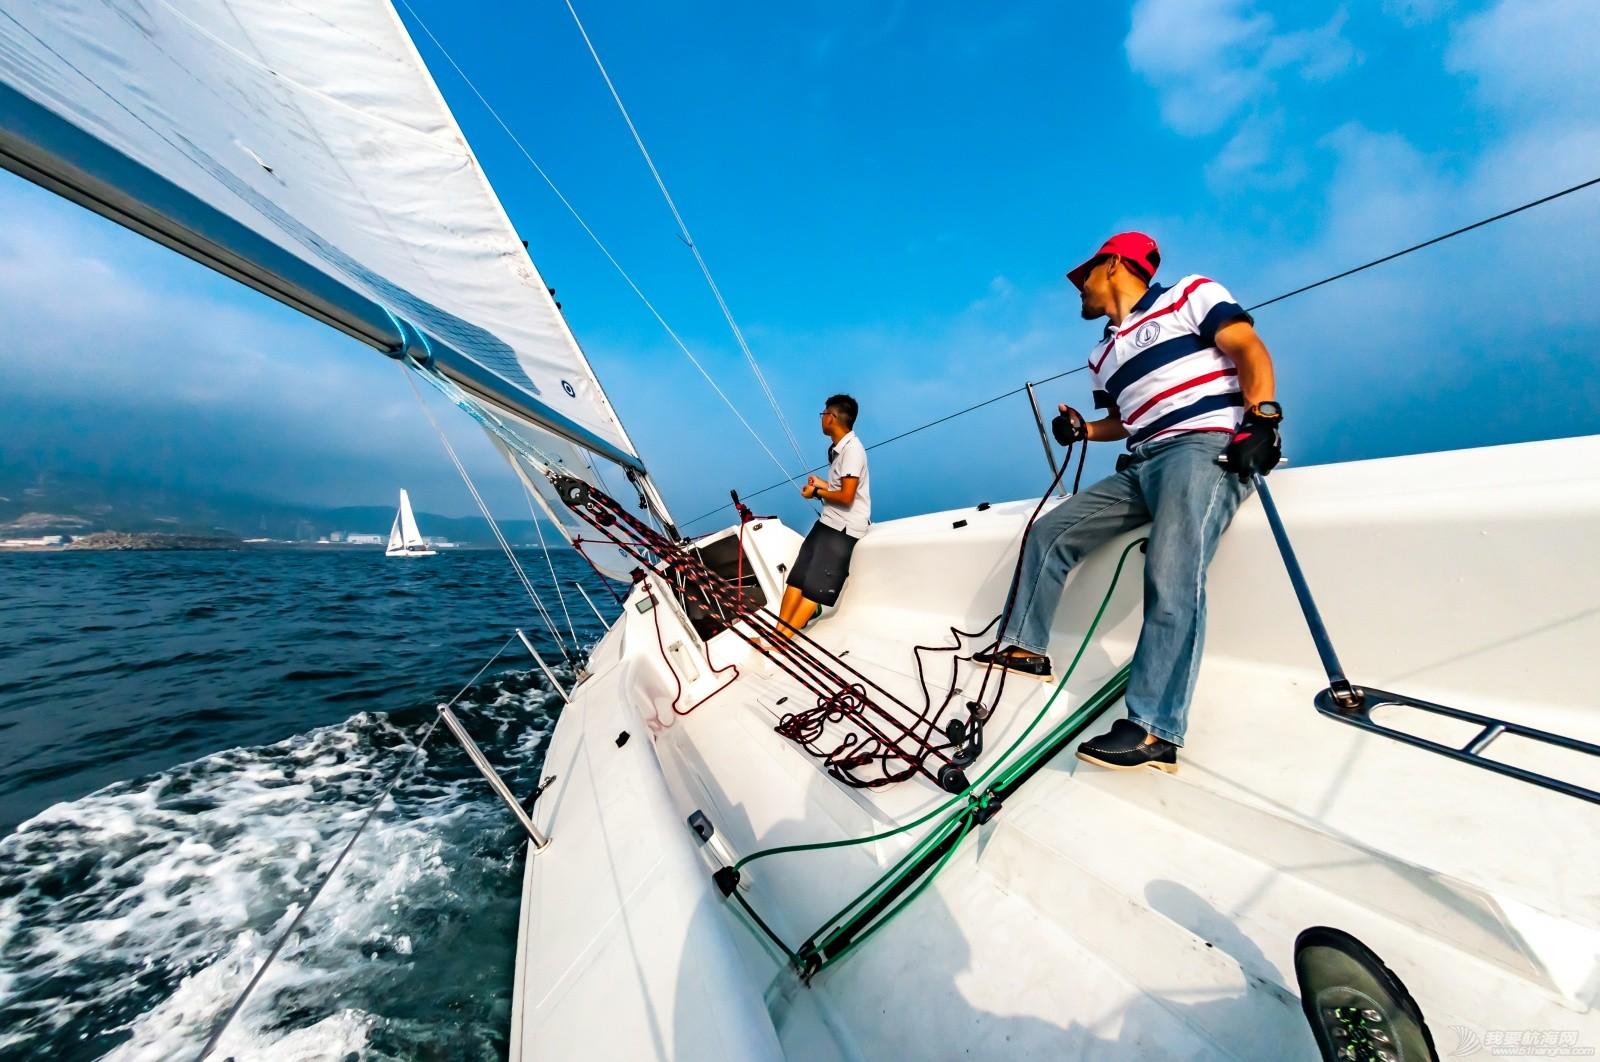 帆船 【2015大鹏杯帆船赛】鱼眼看航海 16017.jpg